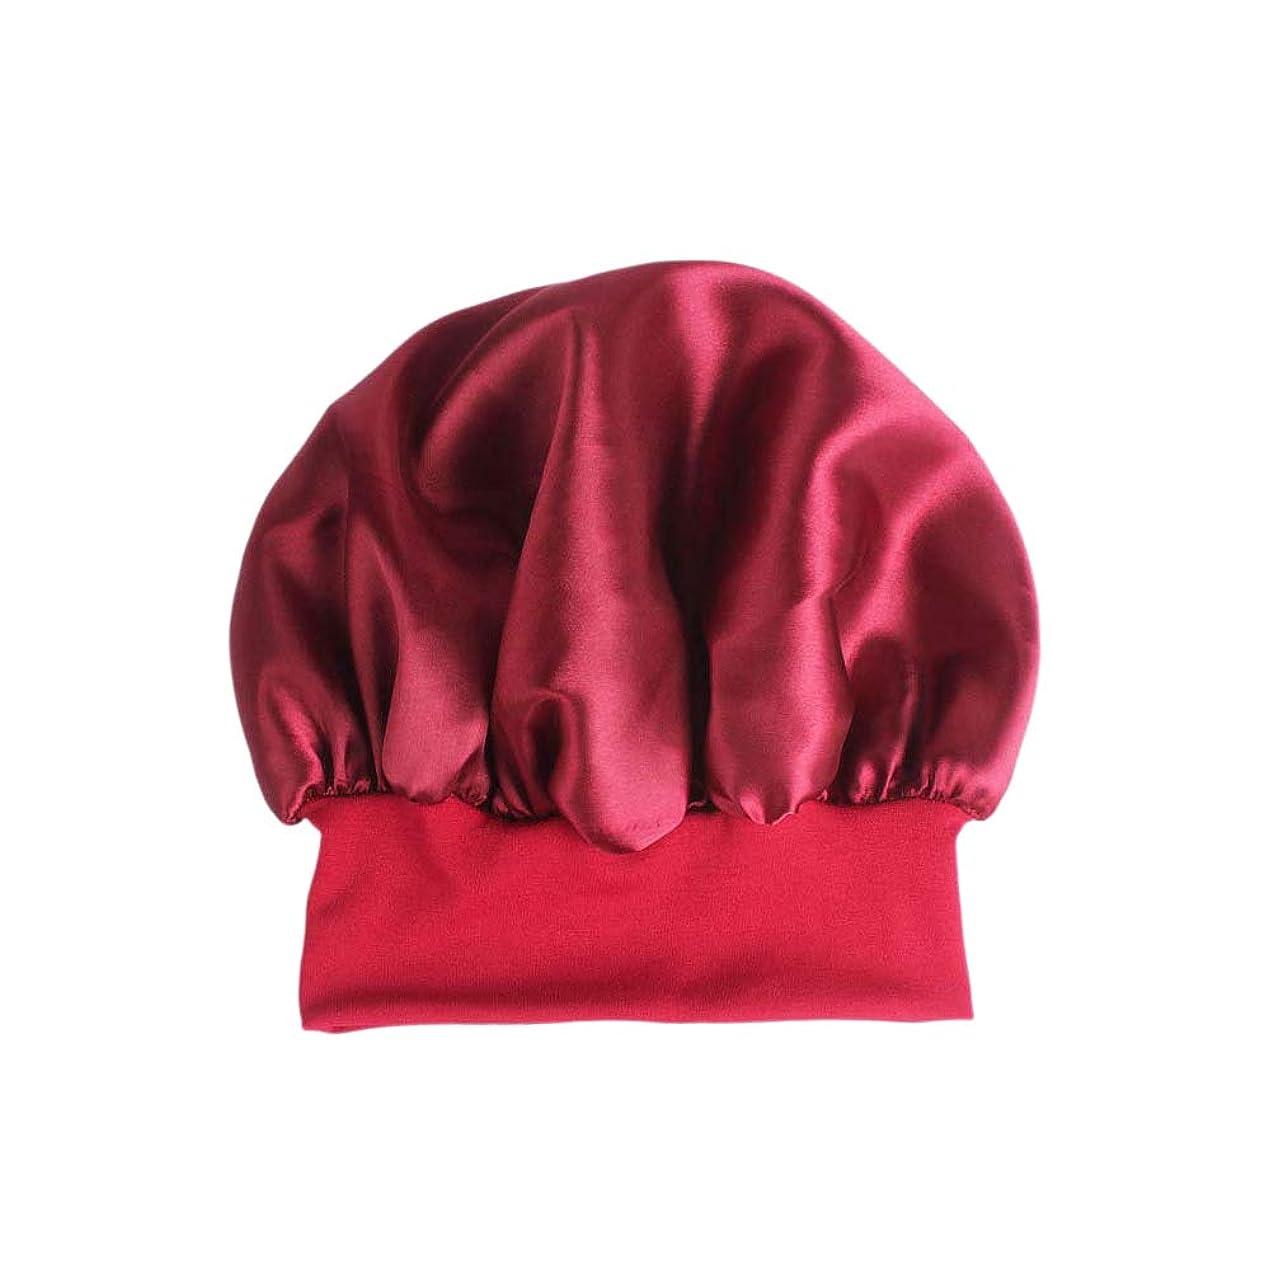 ホールドオール信仰はちみつHealifty 弾性ナイトキャップスリーピングキャップ抜け毛防止キャップ化学療法帽子ビーニーキャップ女性用サイズM 56-58 CM(ダークレッド)